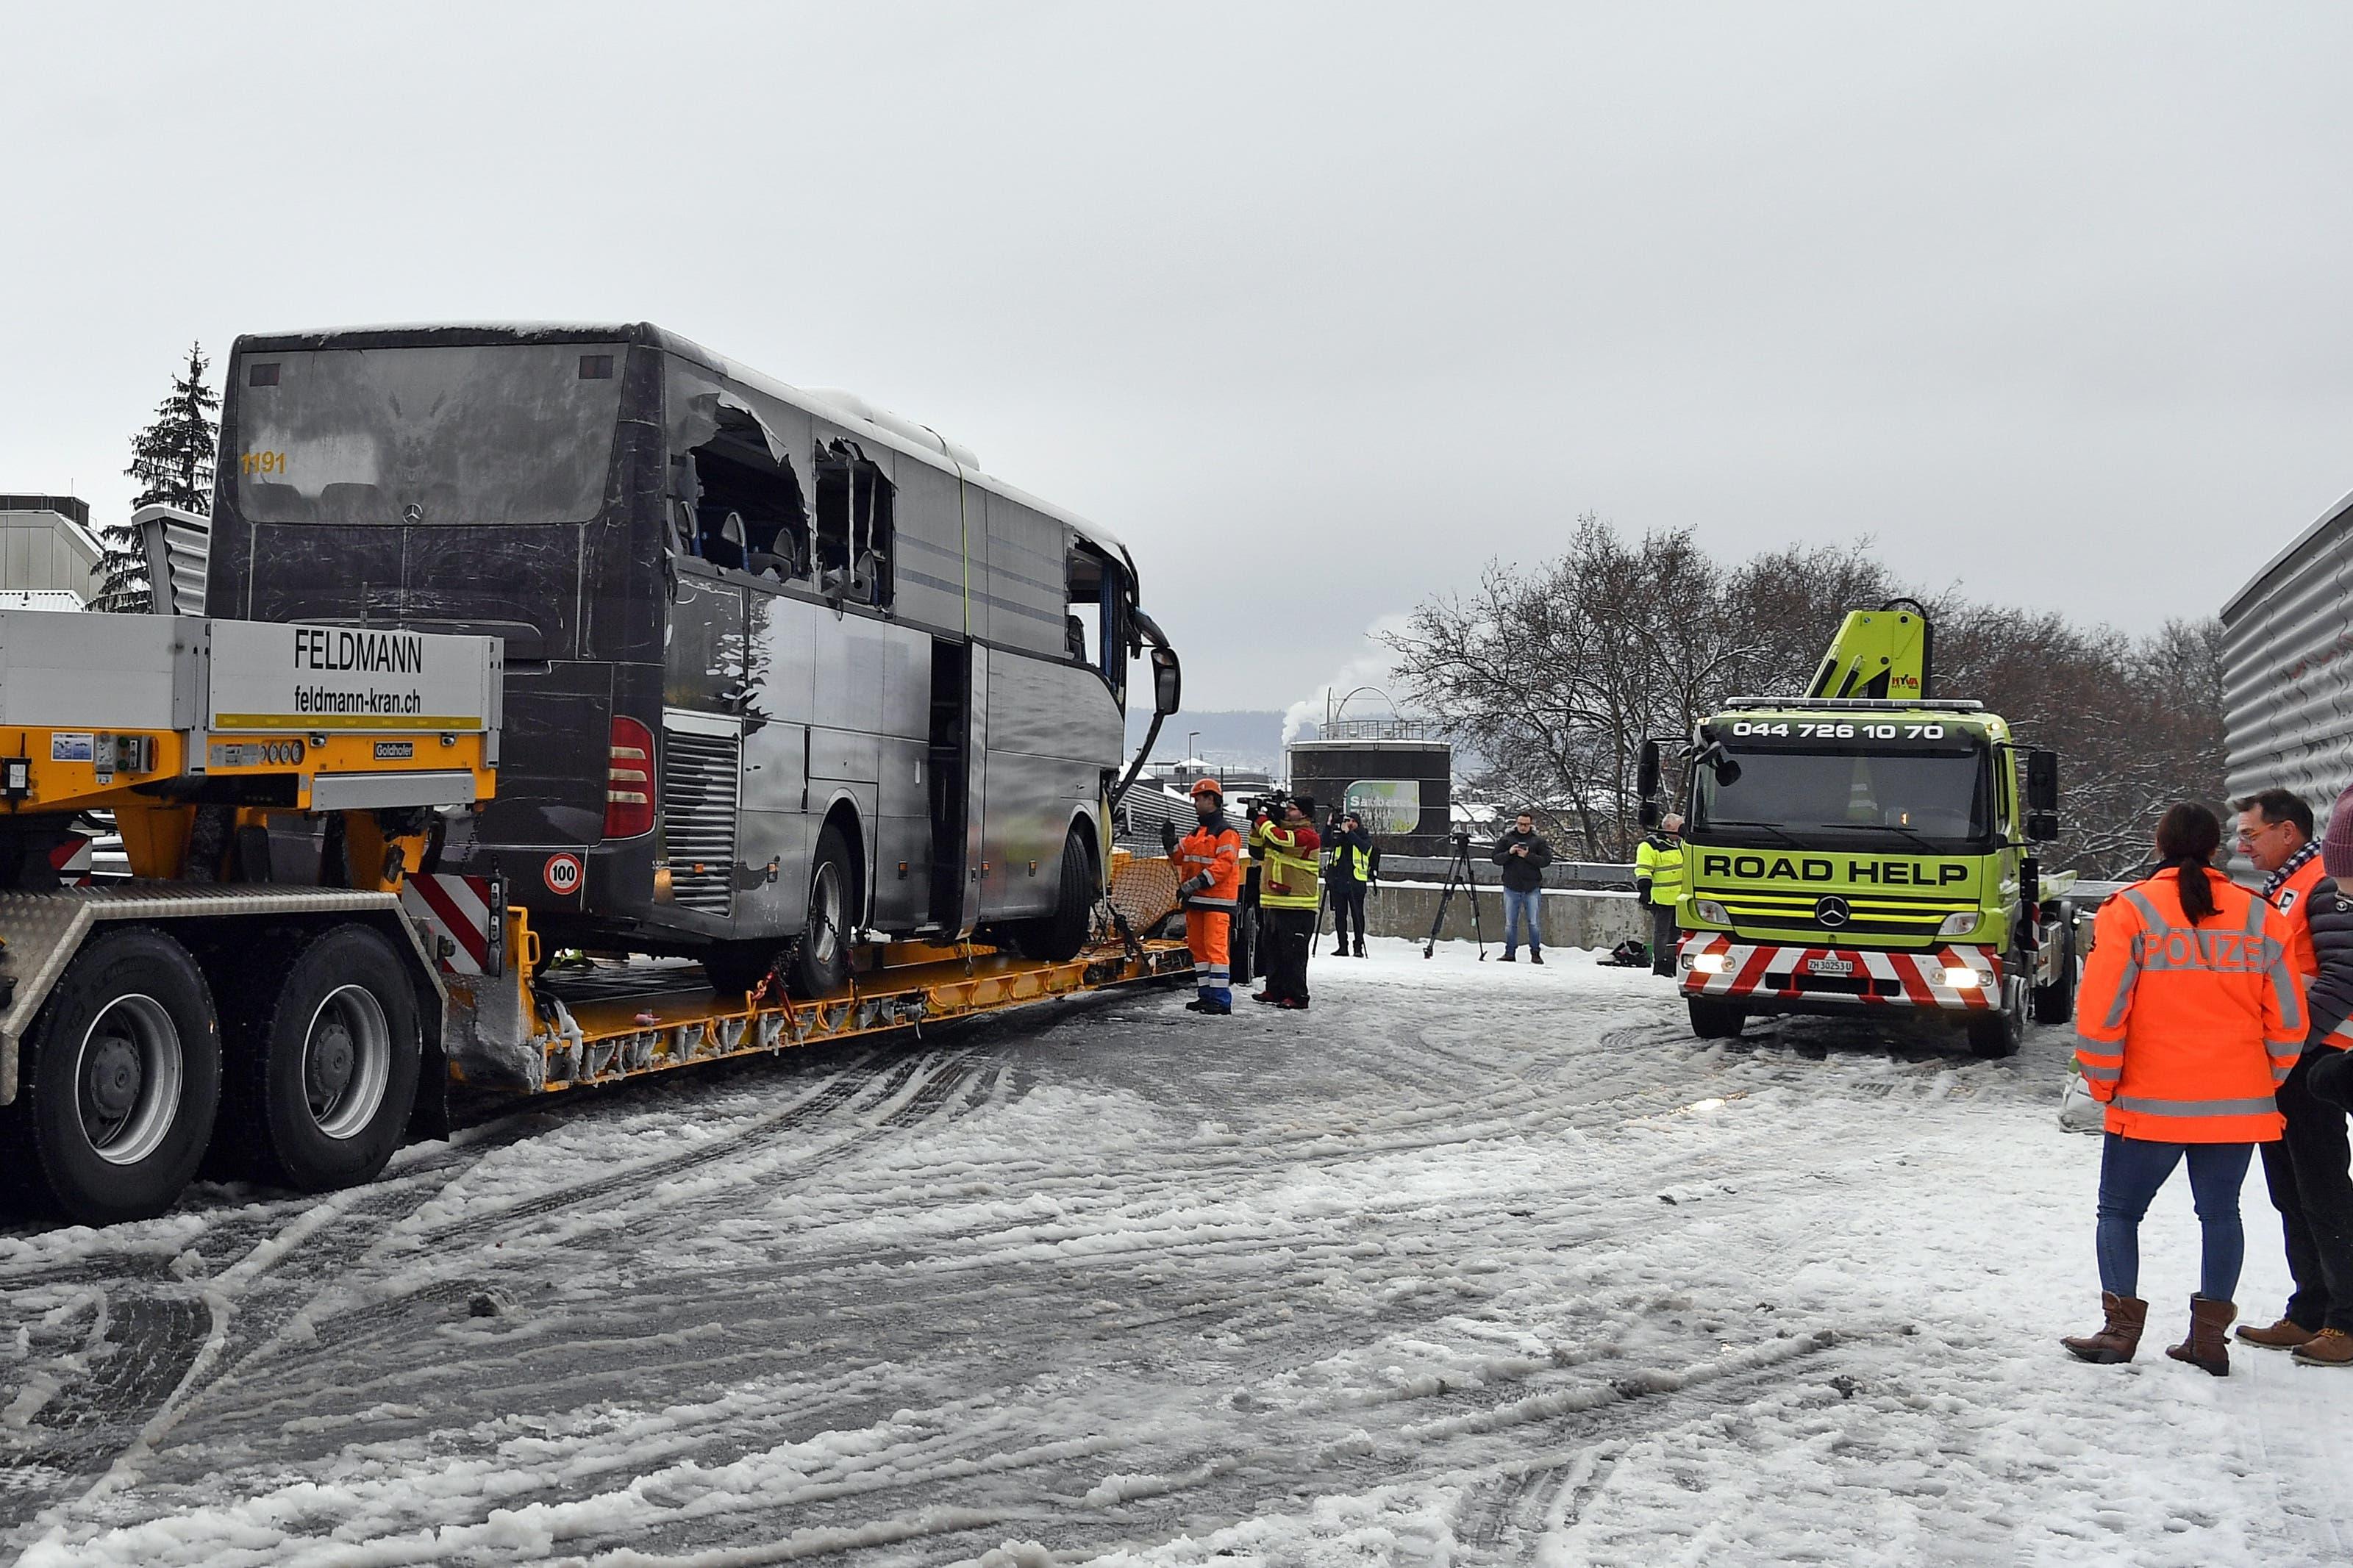 Der Unfall ereignete sich laut Angaben der Zürcher Kantonspolizei kurz vor 4.15 Uhr auf der Anfahrt in die Stadt am Ende des Autobahnzubringers A3W, der auch Sihlhochstrasse genannt wird.